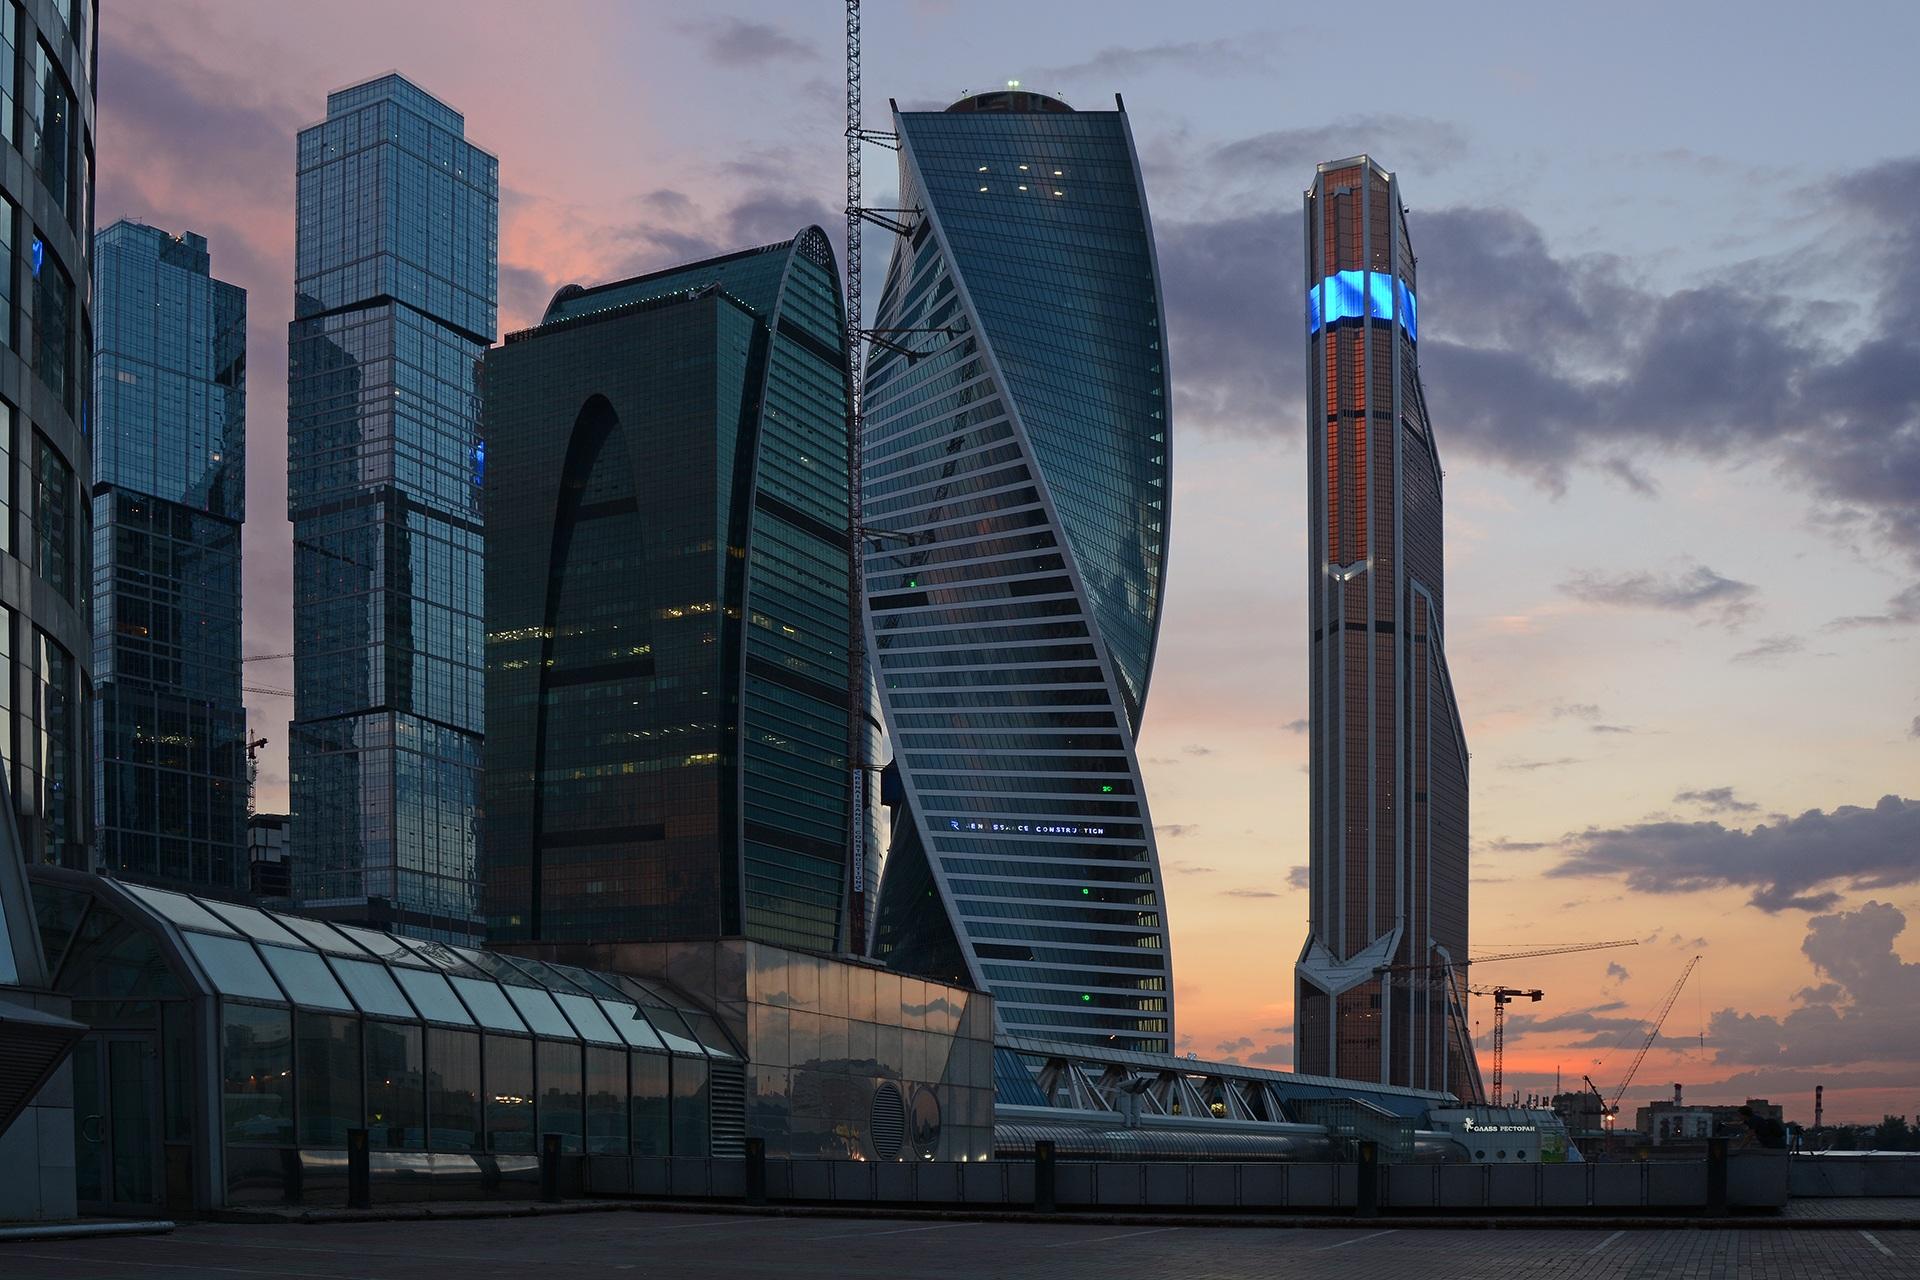 Treinen van en naar Moskou | Moskou moderne gebouwen